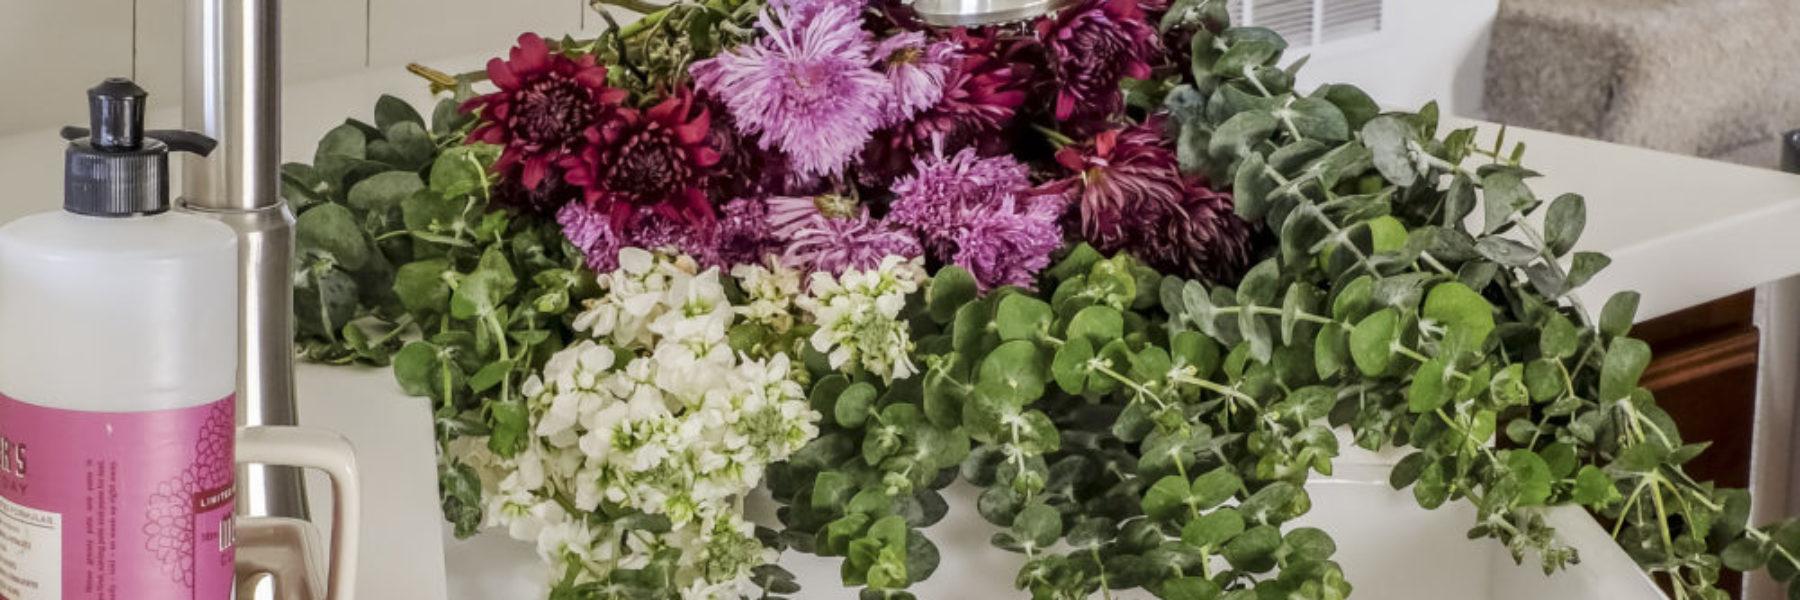 fireclay-farmhouse-sink-flowers